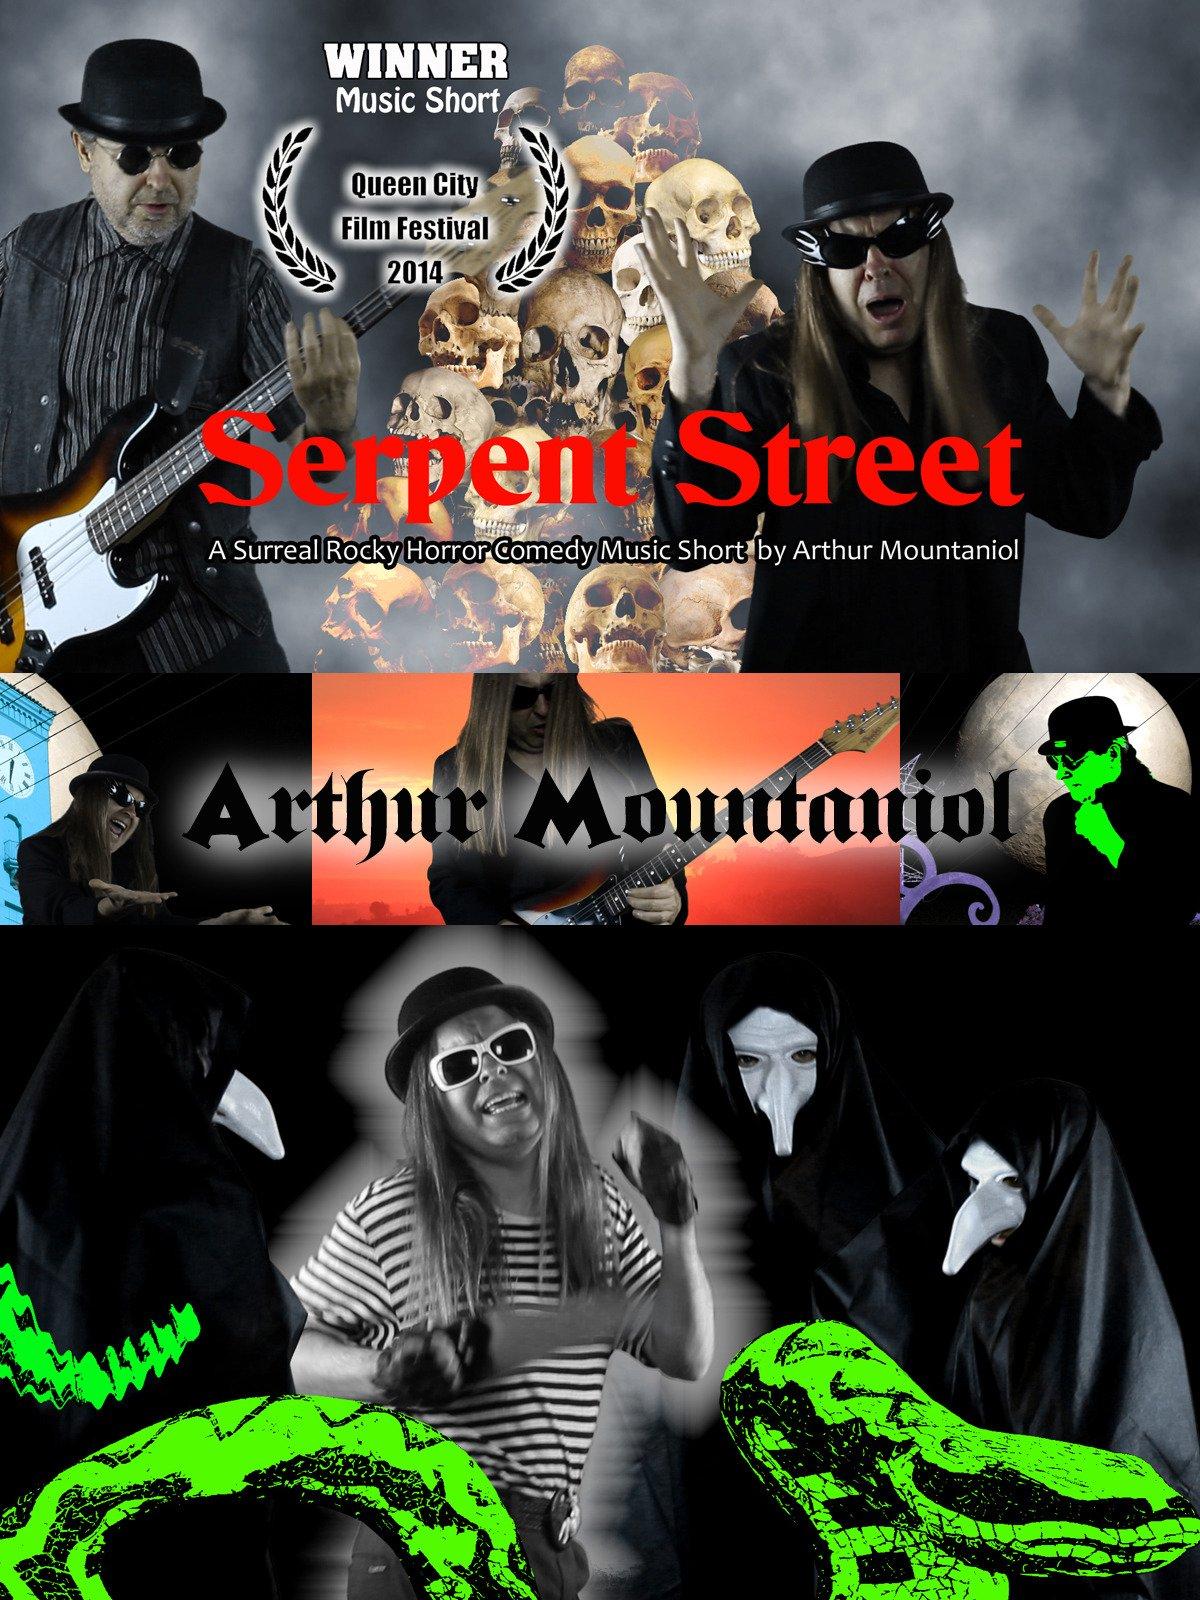 Arthur Mountaniol